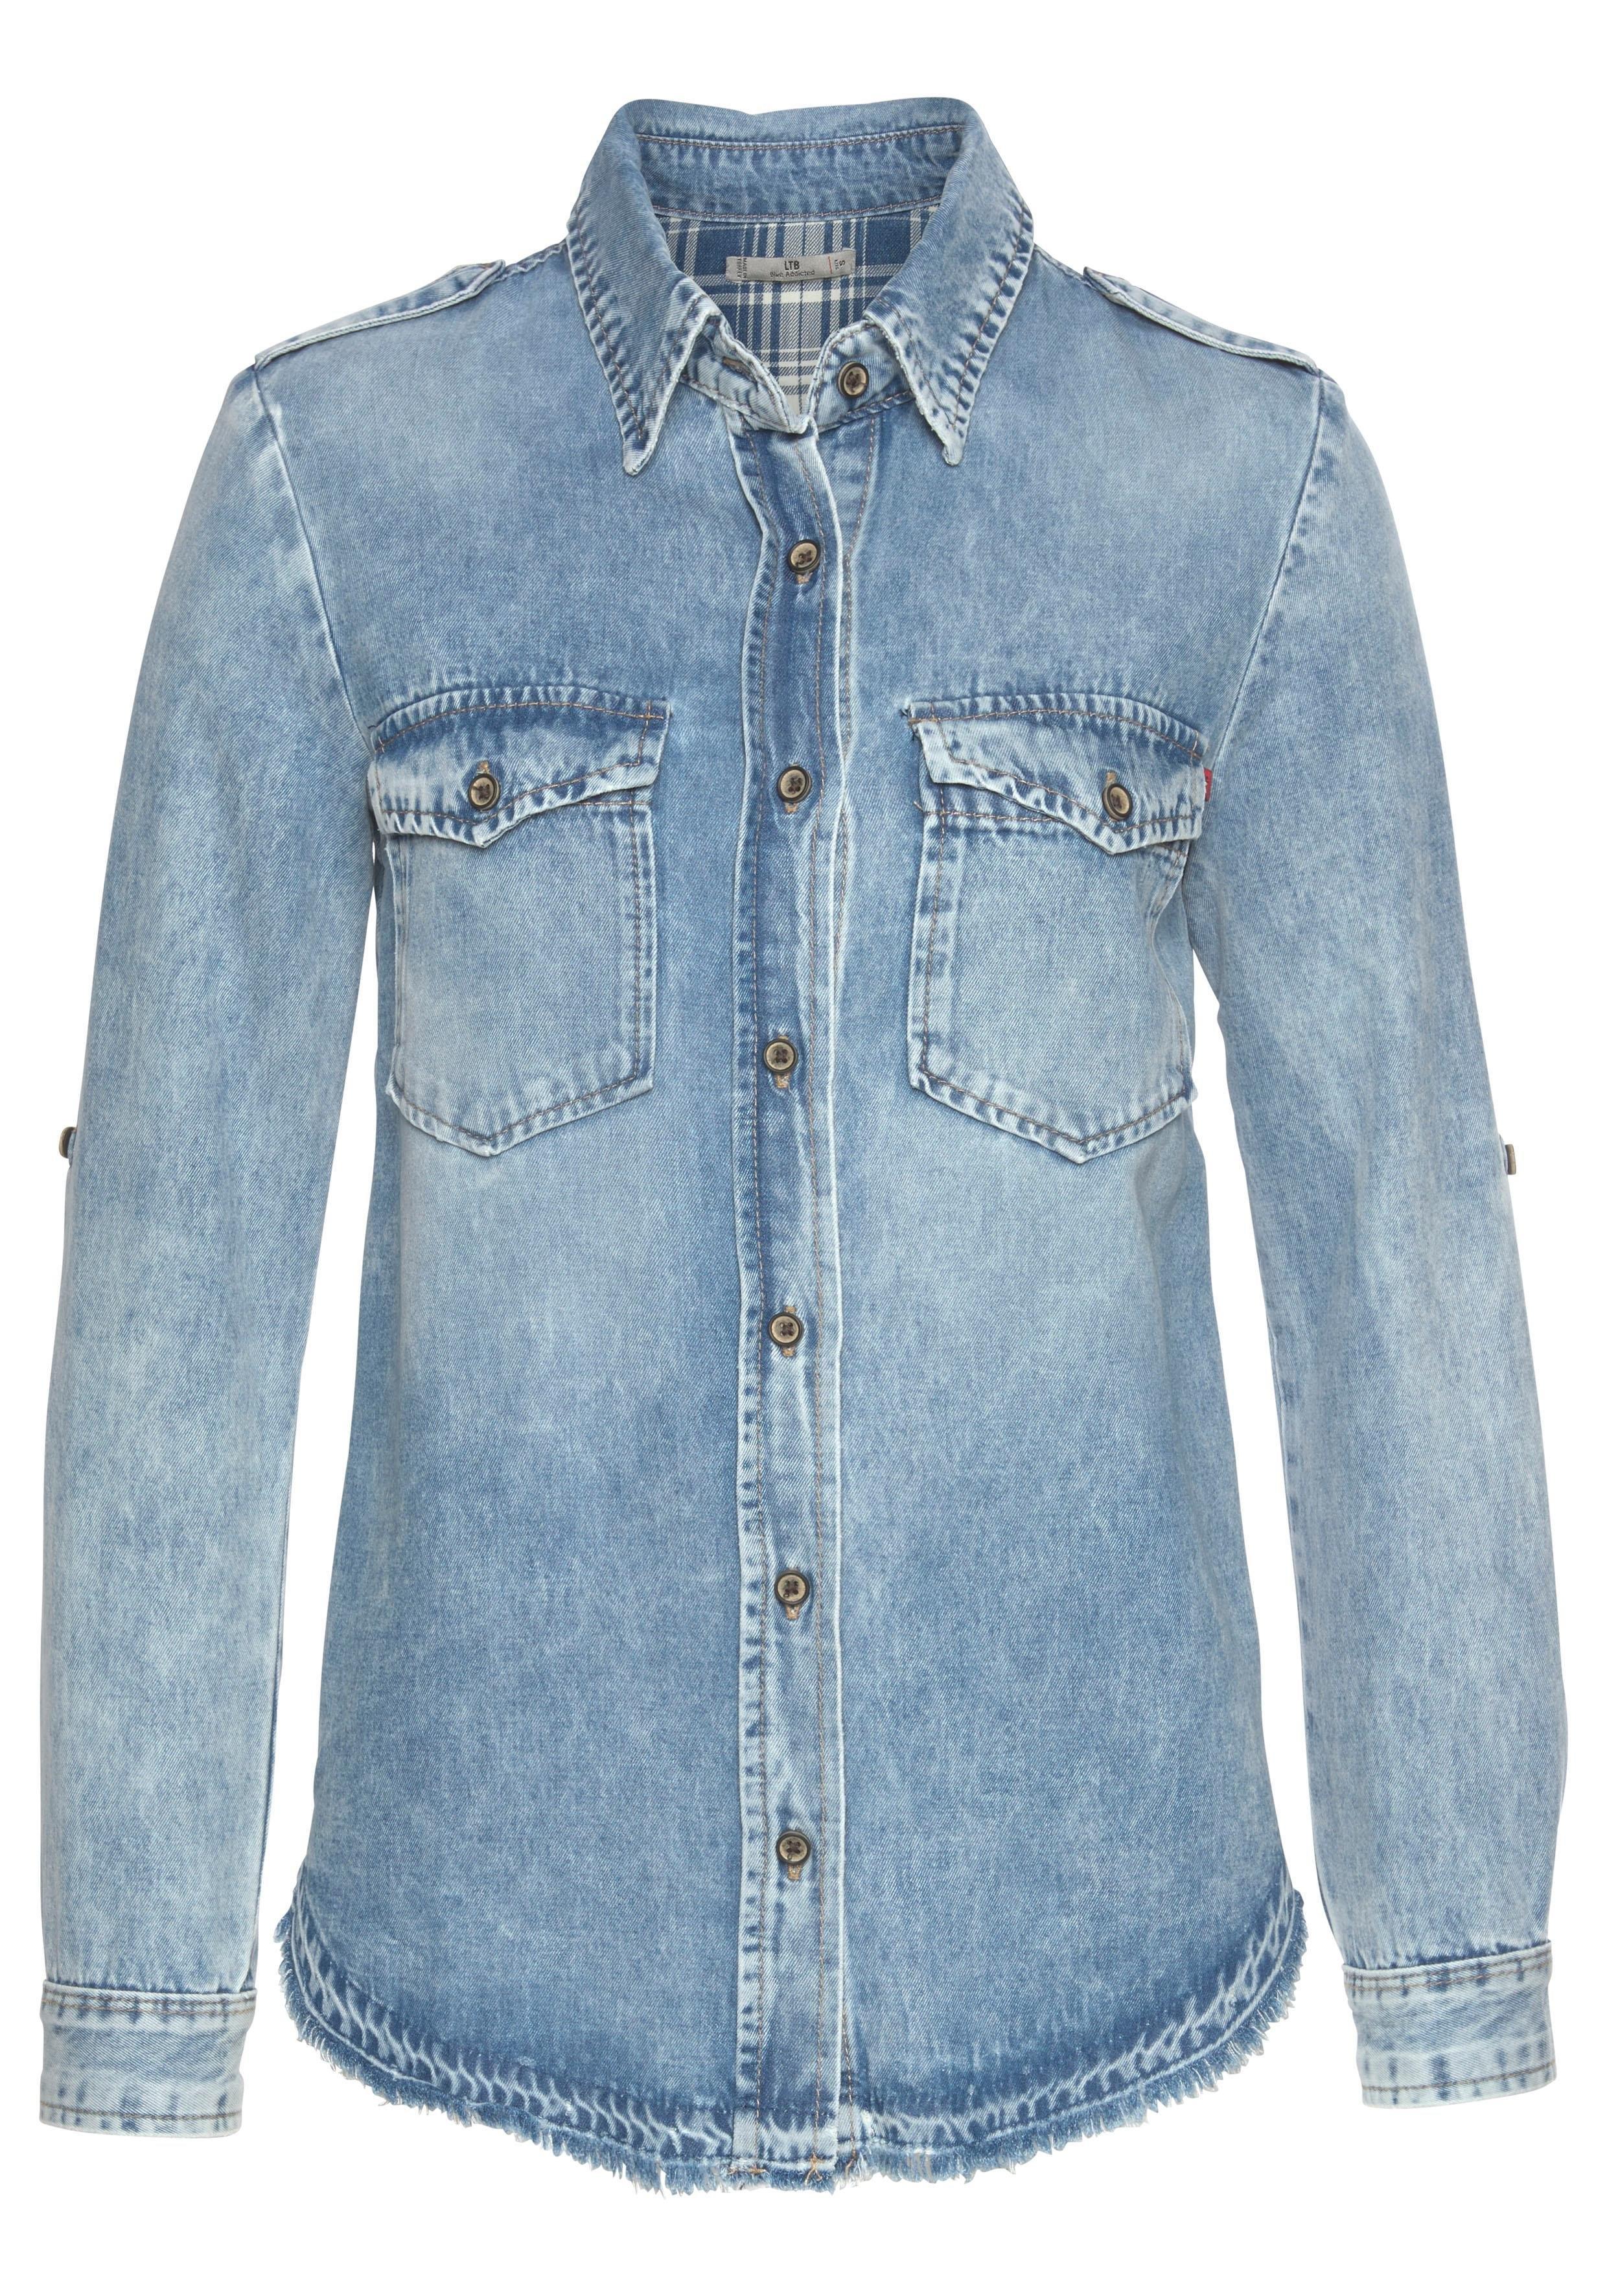 LTB jeansblouse »SIMEL« bestellen: 14 dagen bedenktijd